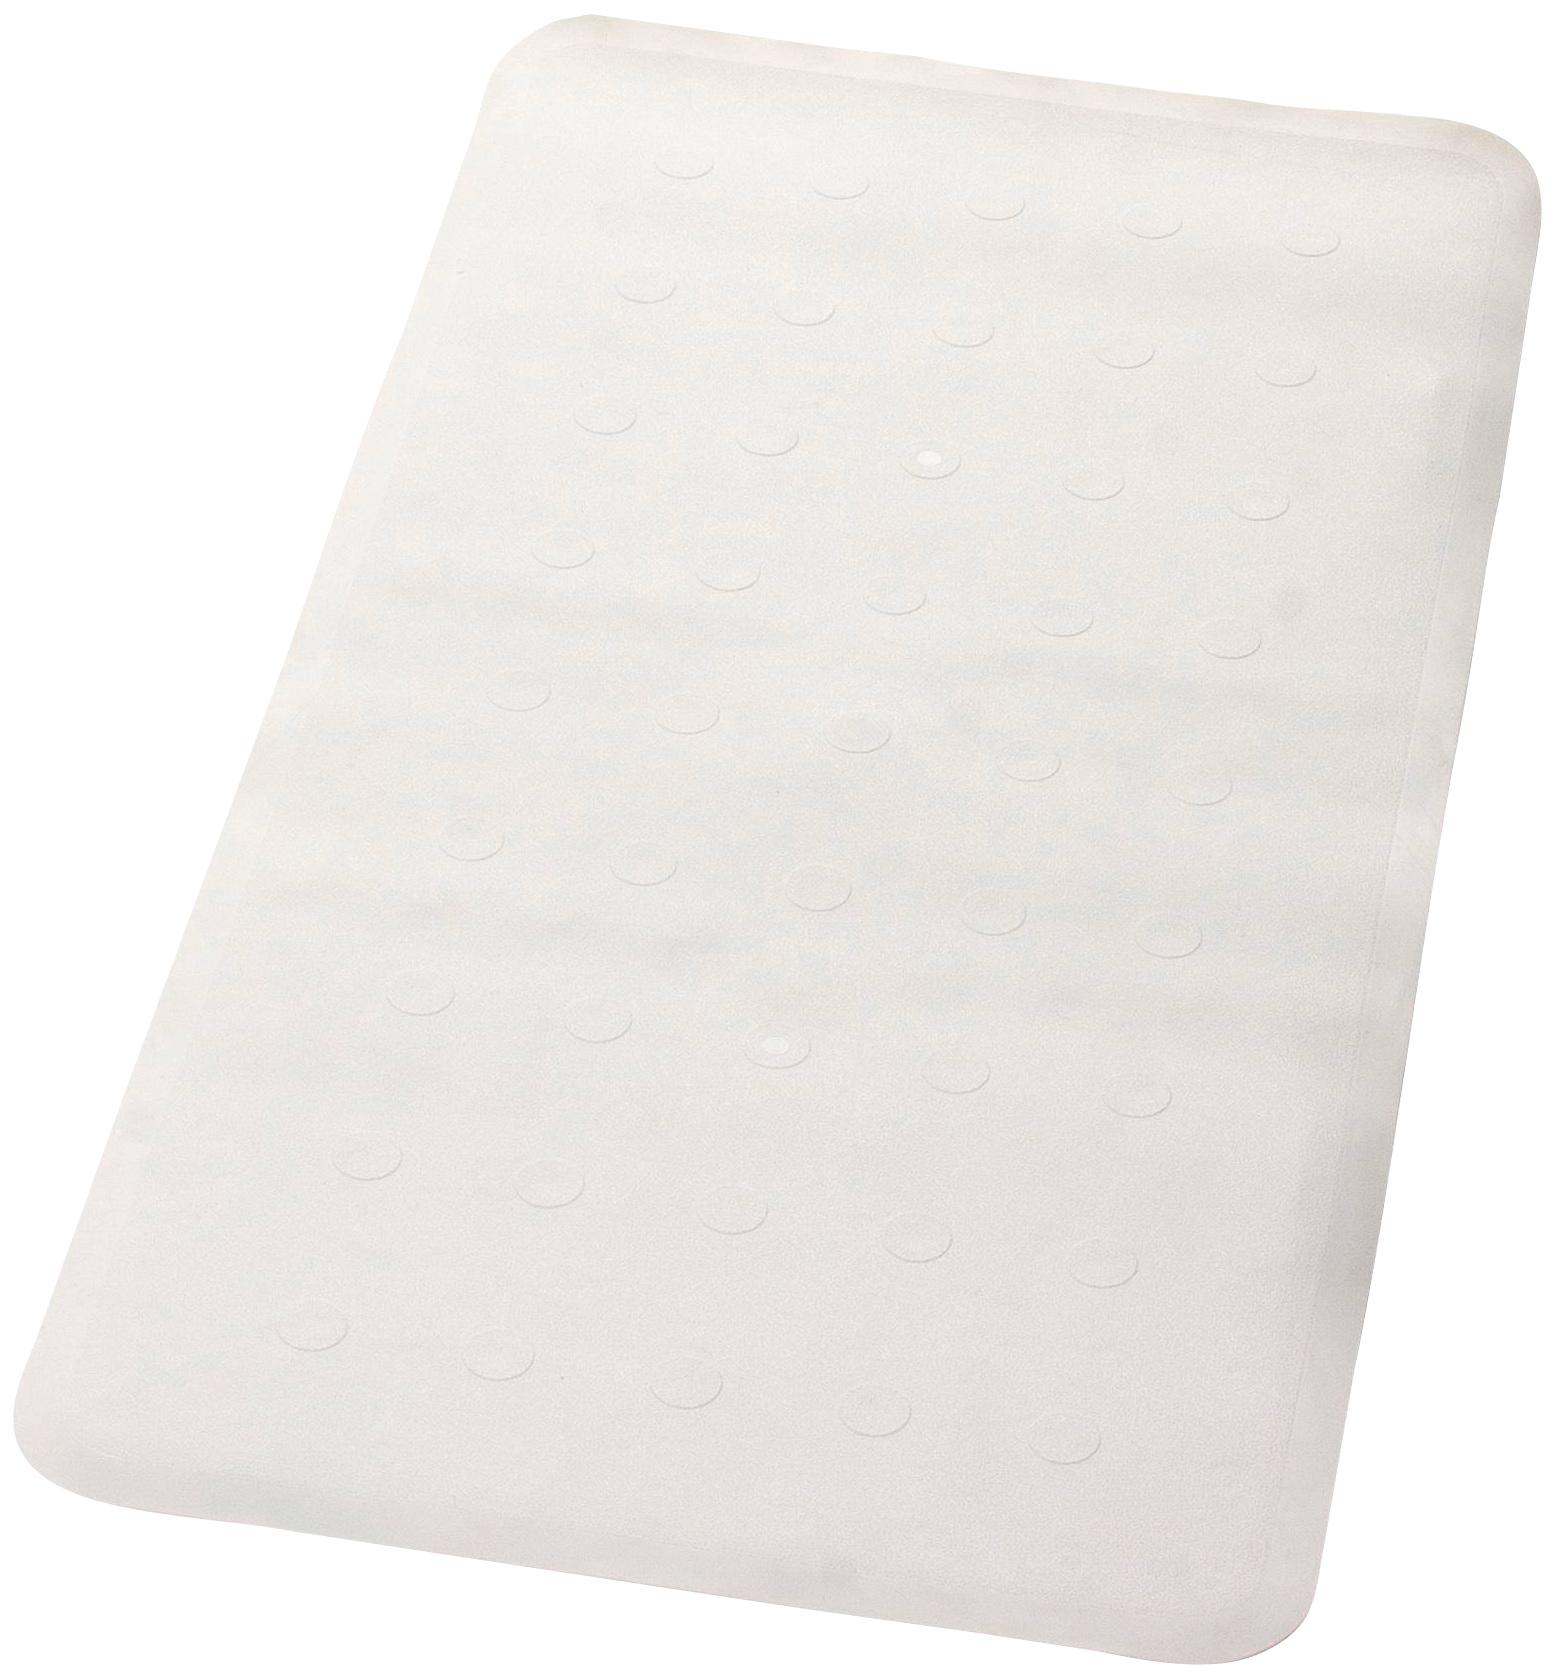 RIDDER Wanneneinlage »Basic«, 36x71 cm günstig online kaufen